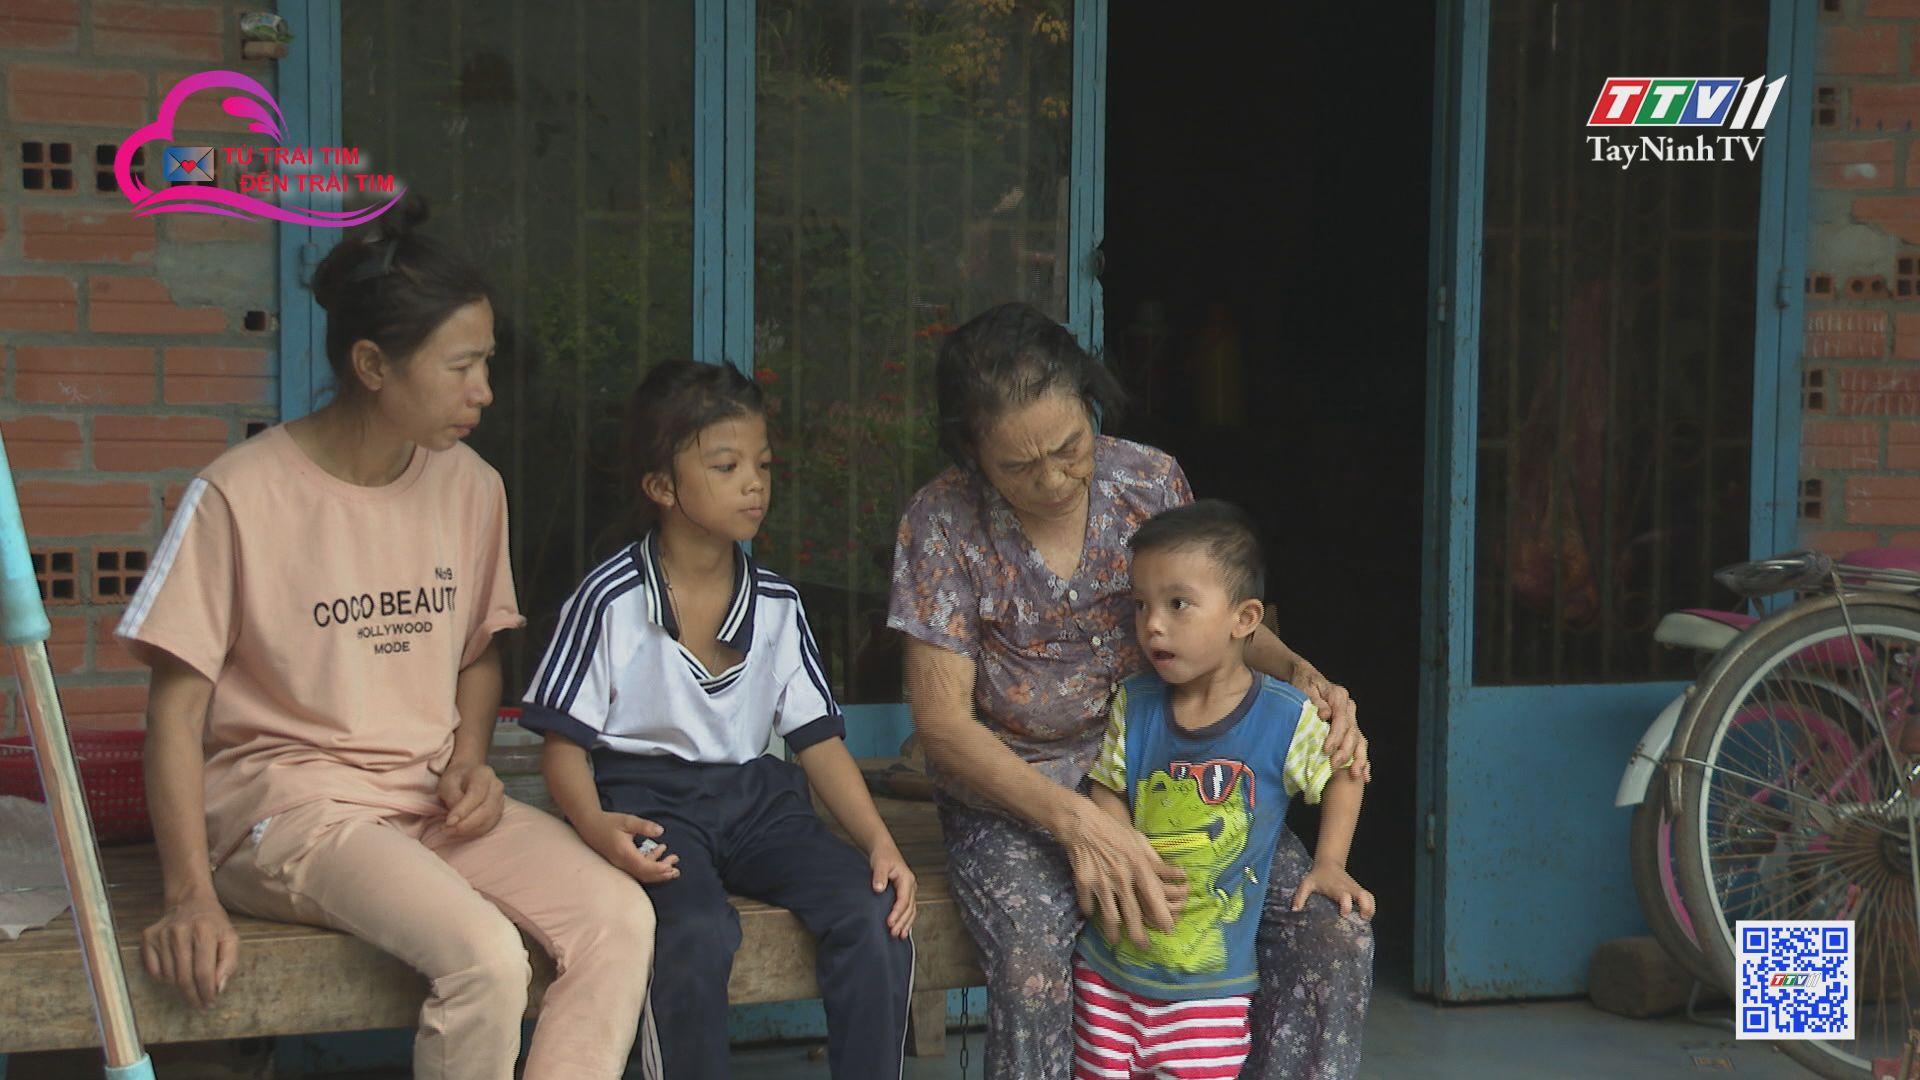 Bốn mảnh đời - Một số phận | TỪ TRÁI TIM ĐẾN TRÁI TIM | TayNinhTV